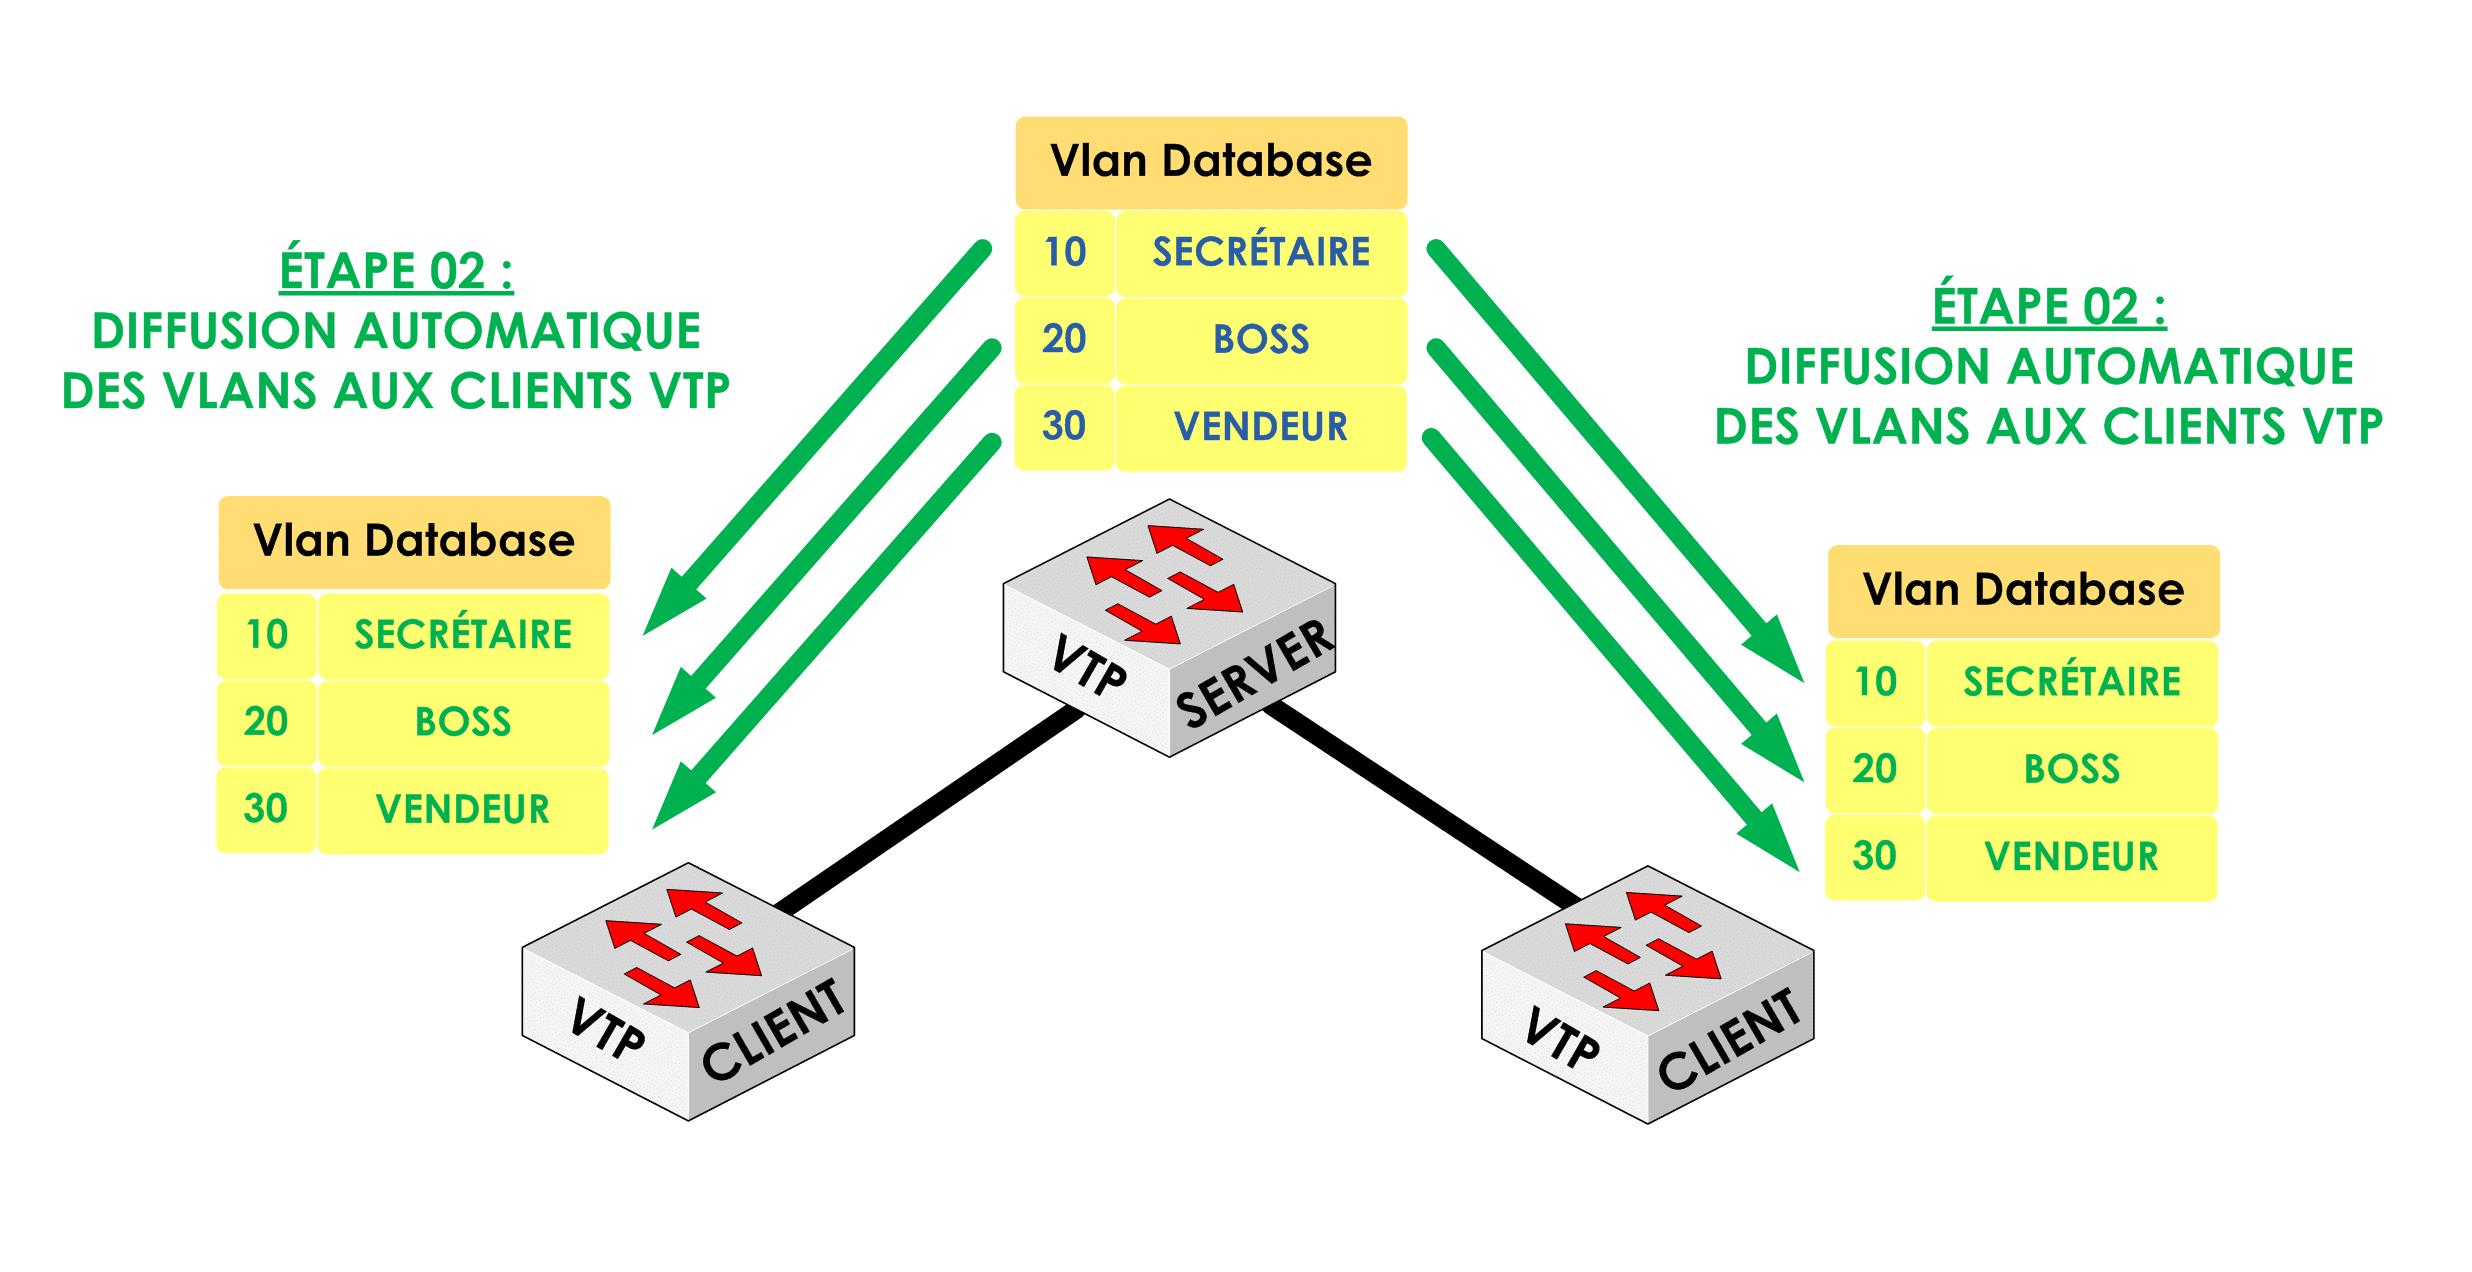 Etape 02 : Le serveur VTP vas diffuser la mise à jour aux clients :